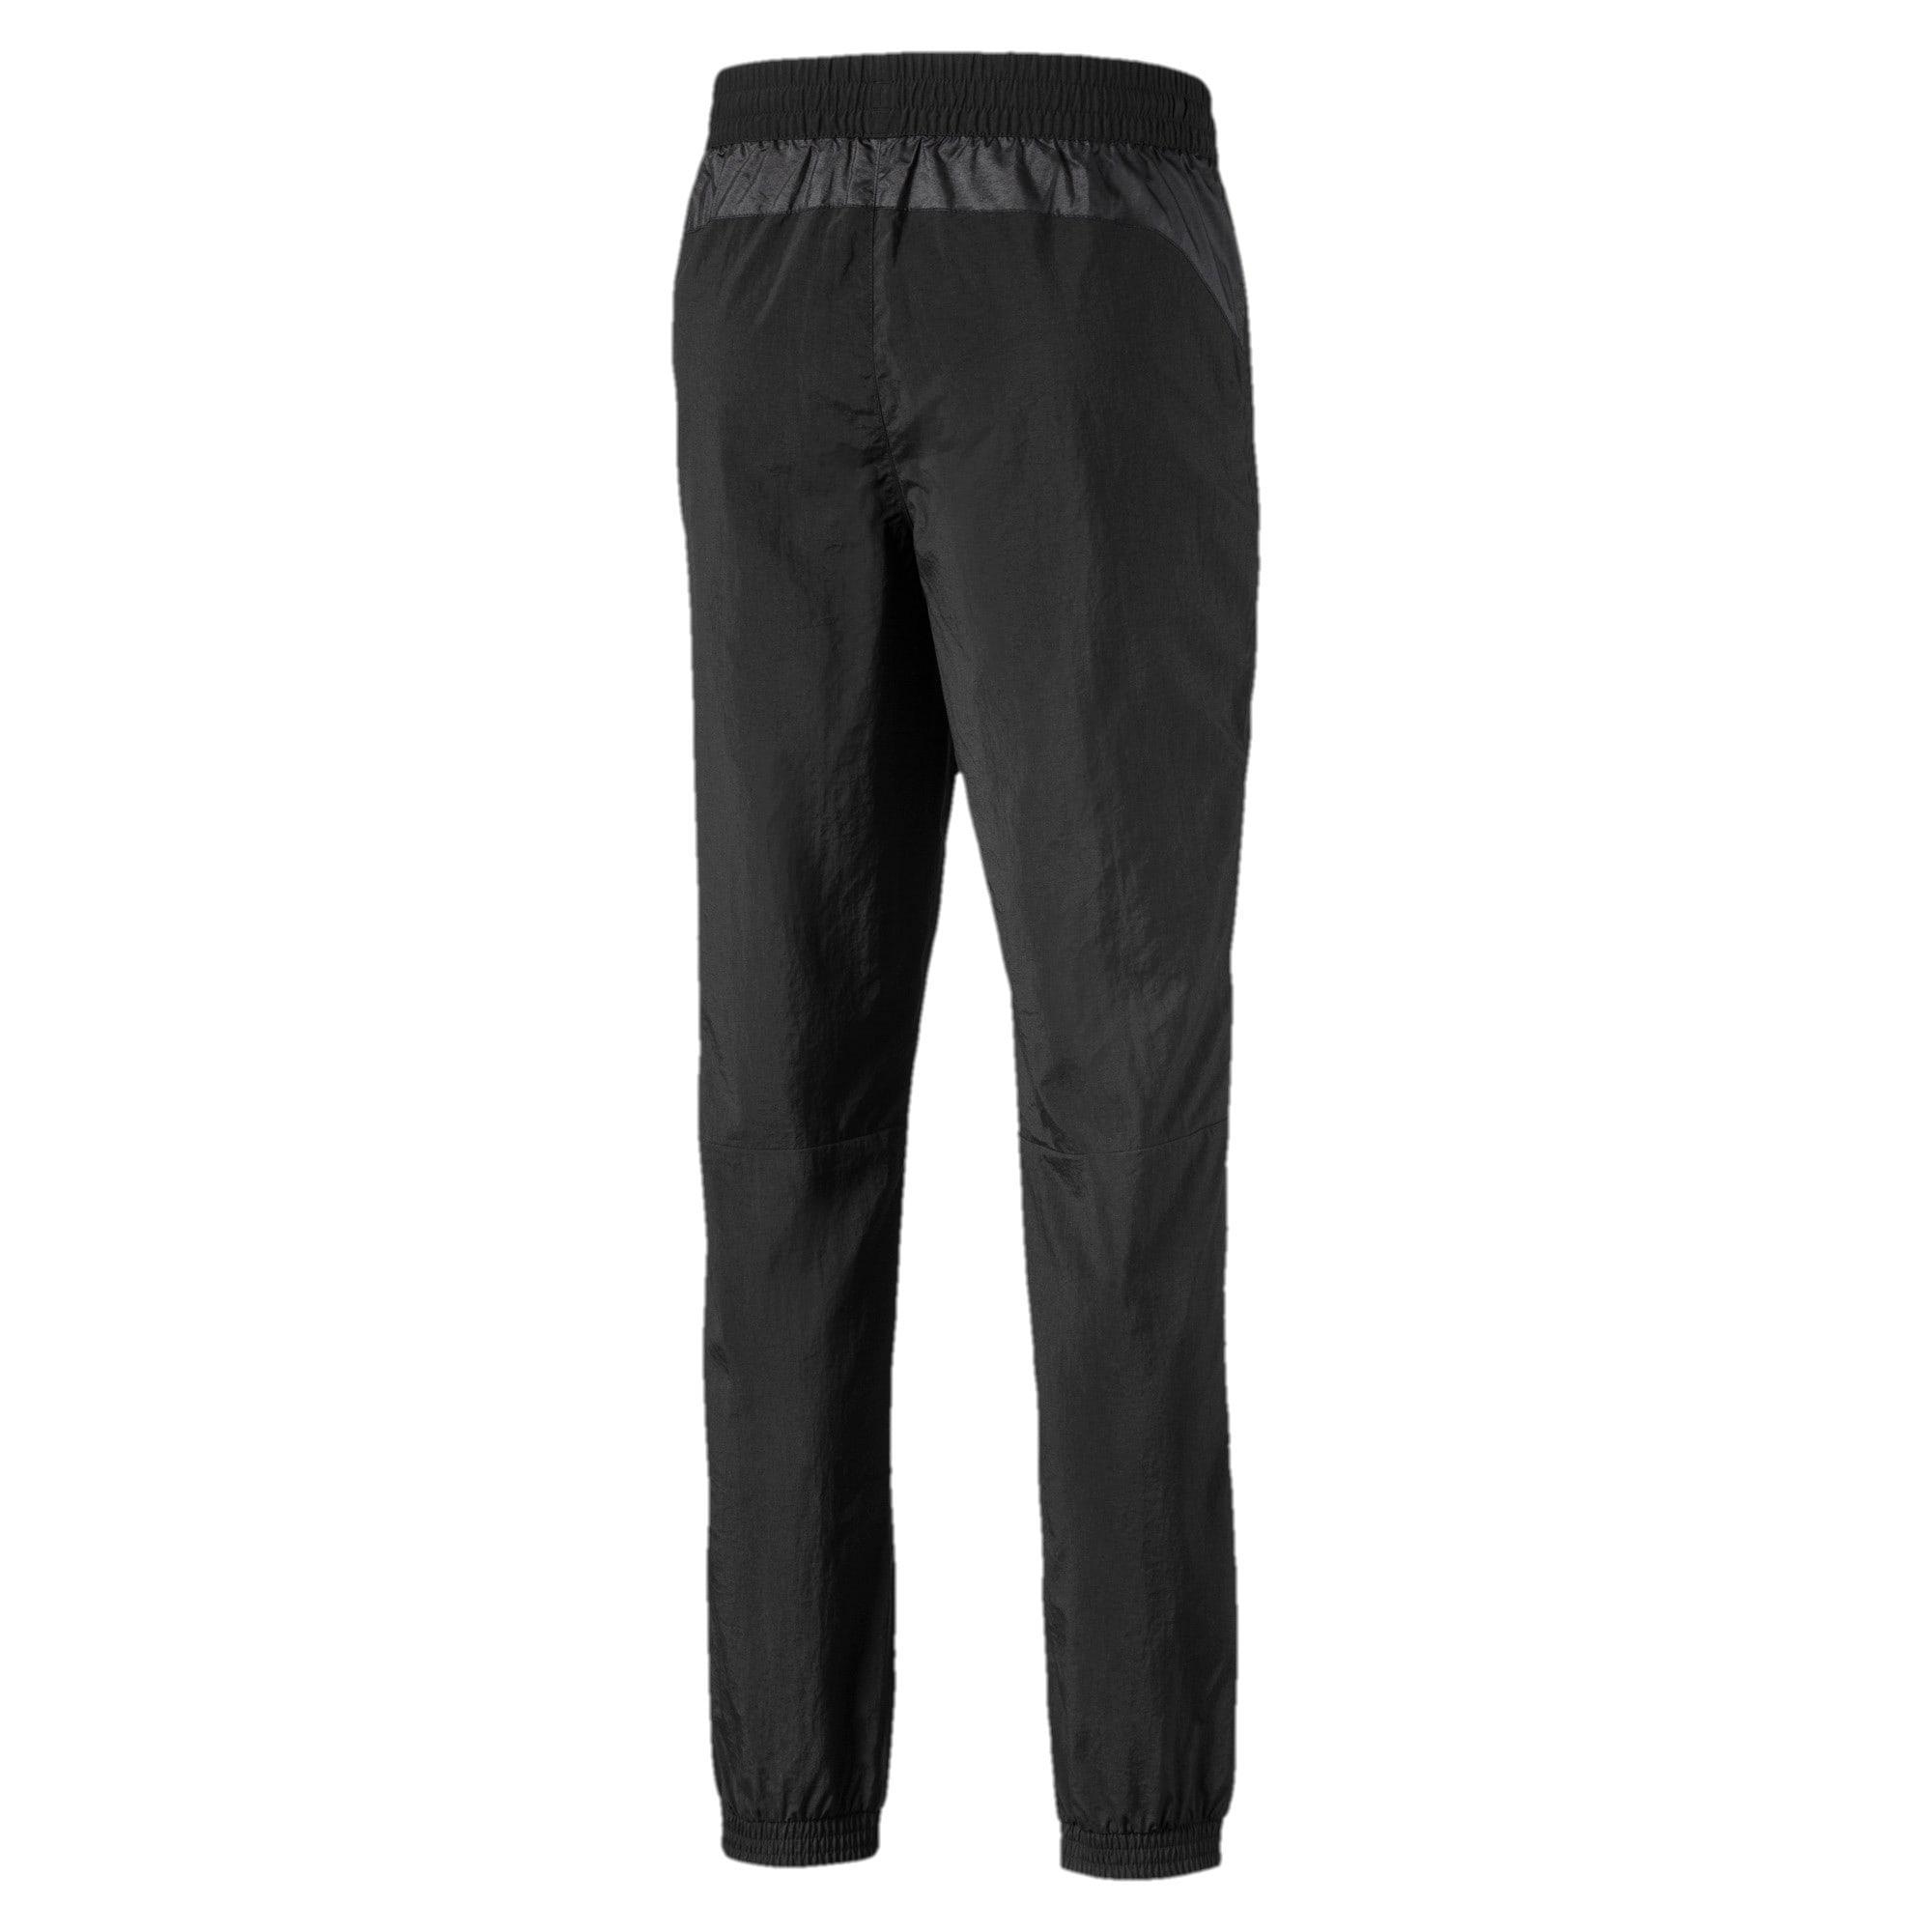 Thumbnail 2 of Geweven Mercedes Street broek voor heren, Puma Black, medium